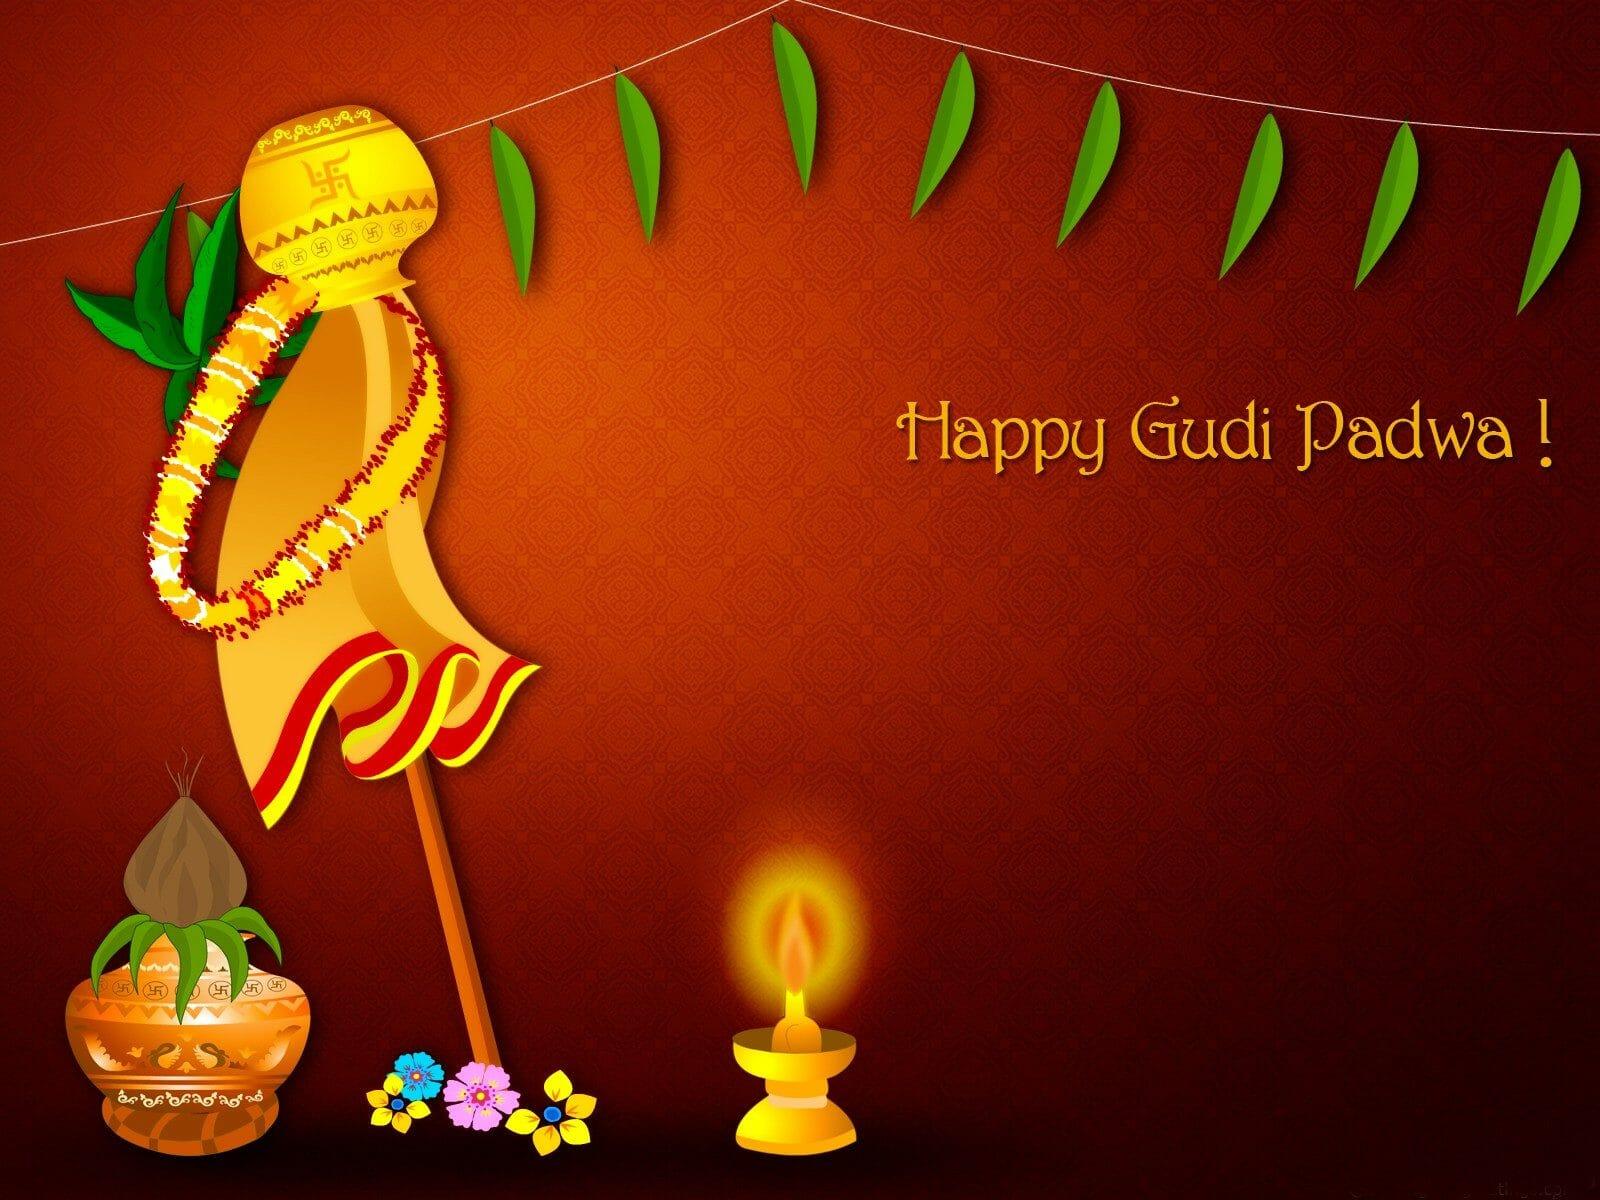 Happy Gudi Padwa (Happy Gowri Padwa)